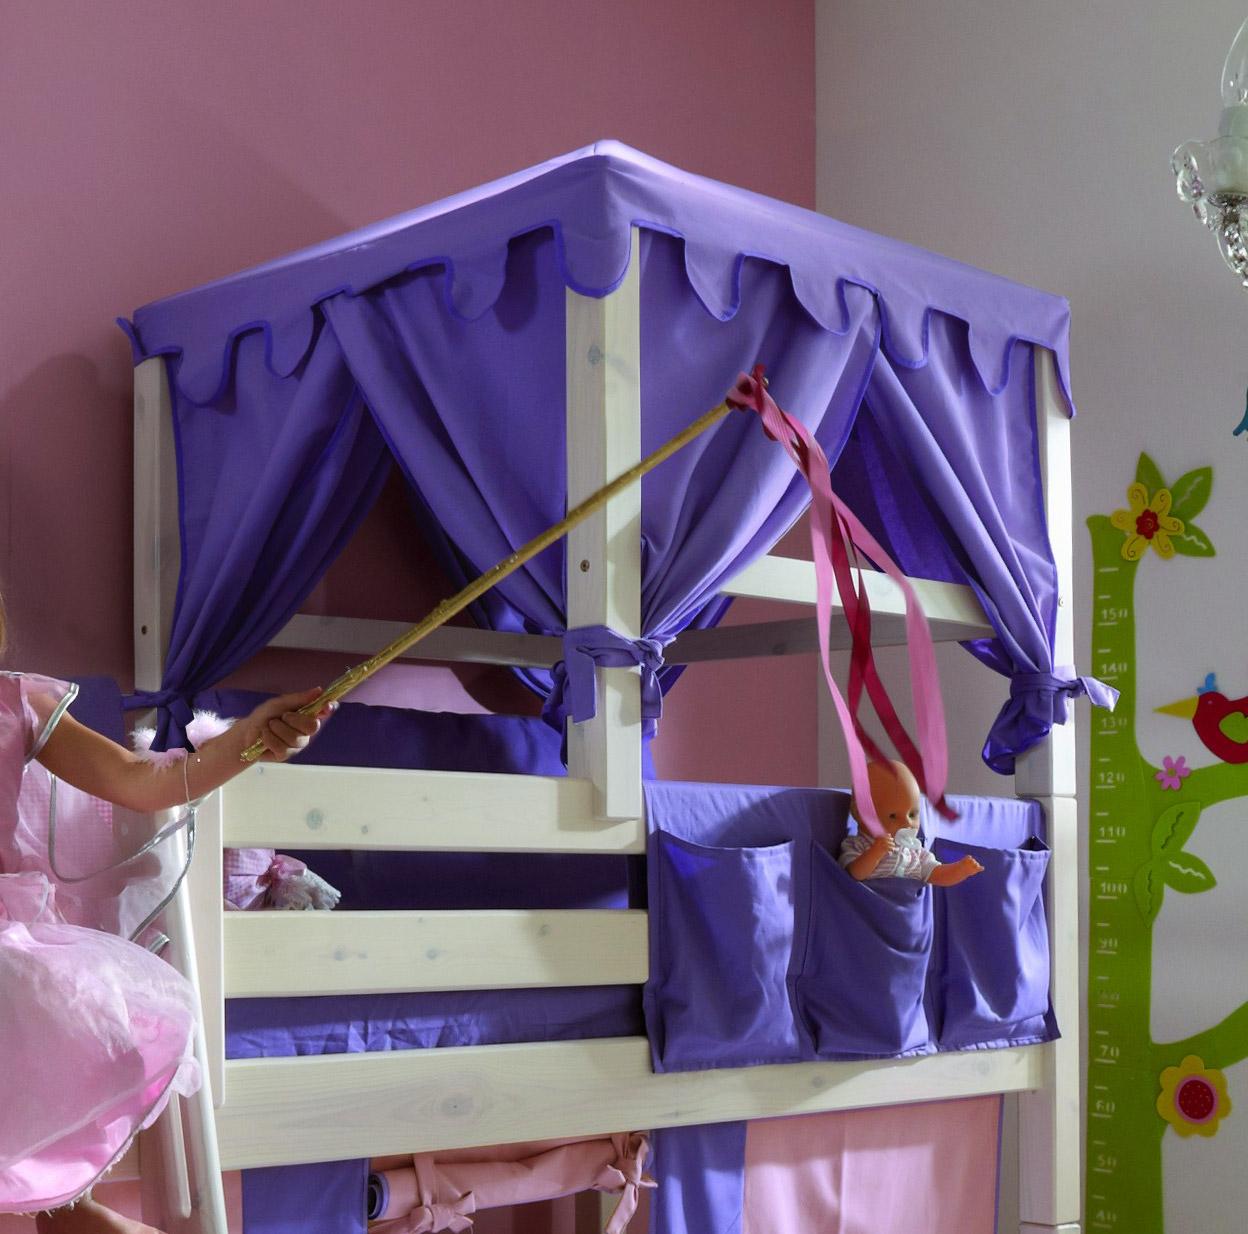 Prinzessin hochbett kids paradise in weiß inklusive vorhang